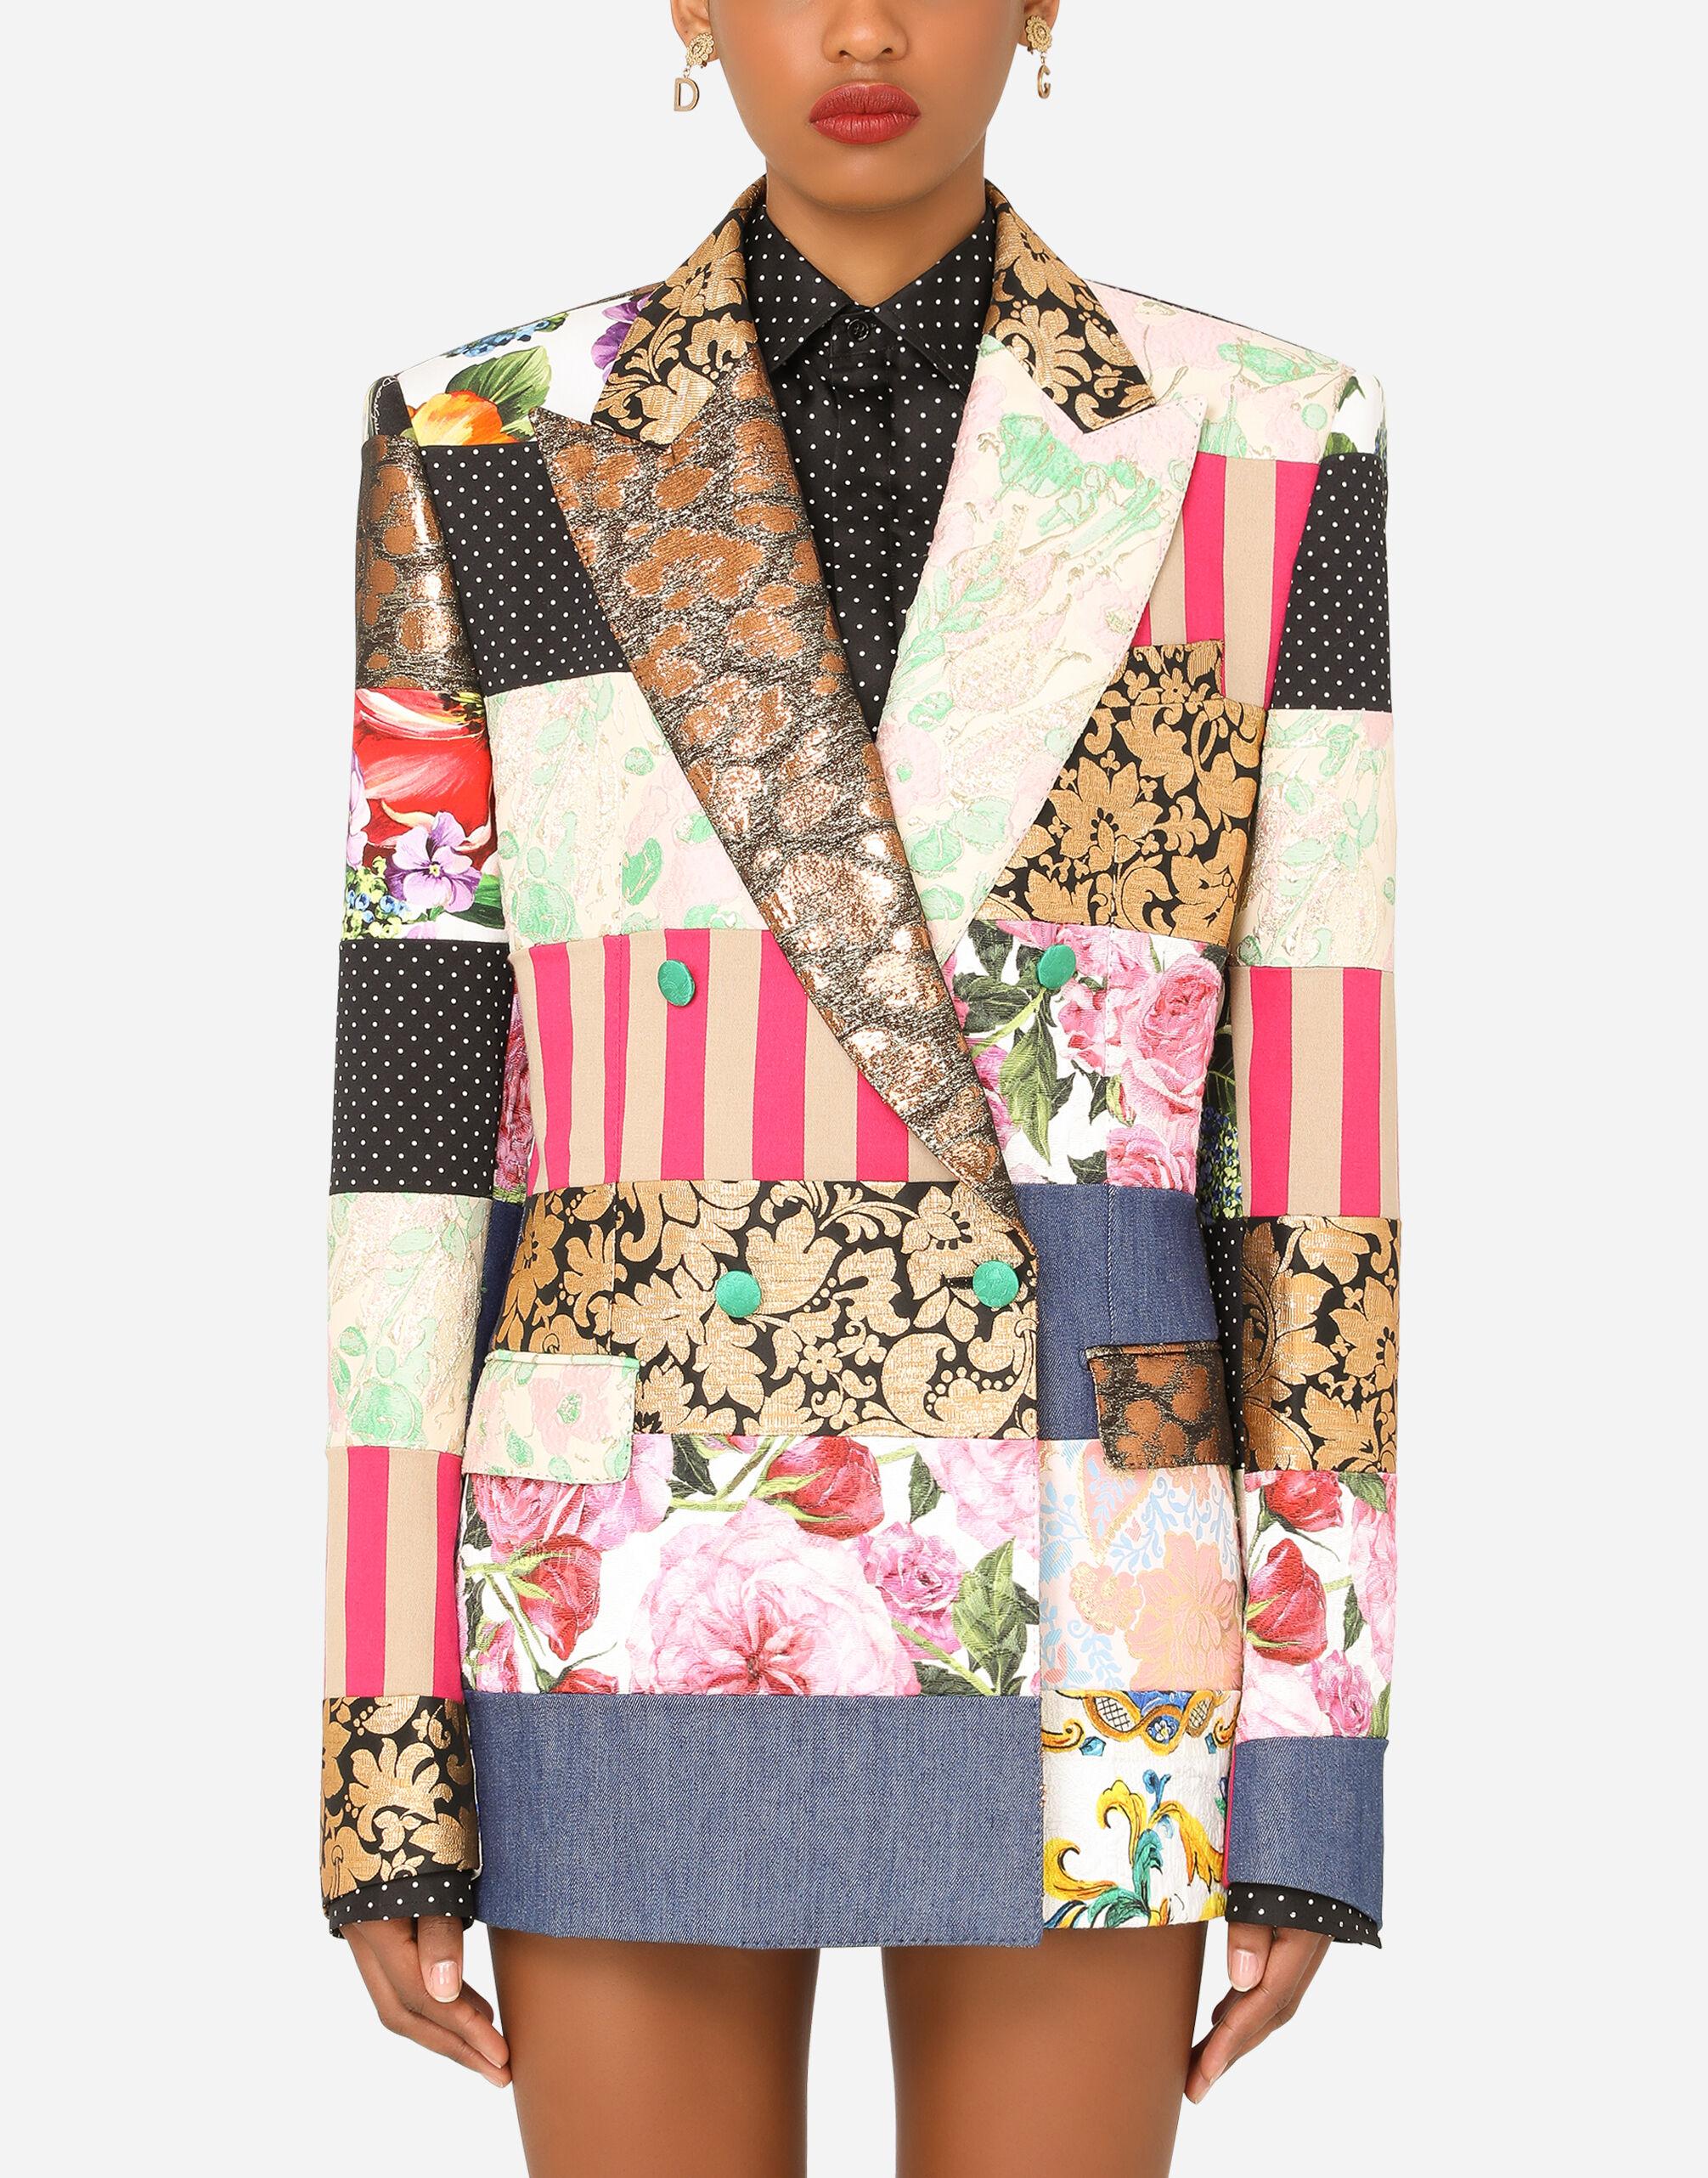 Giacca maschile doppiopetto jacquard patchwork